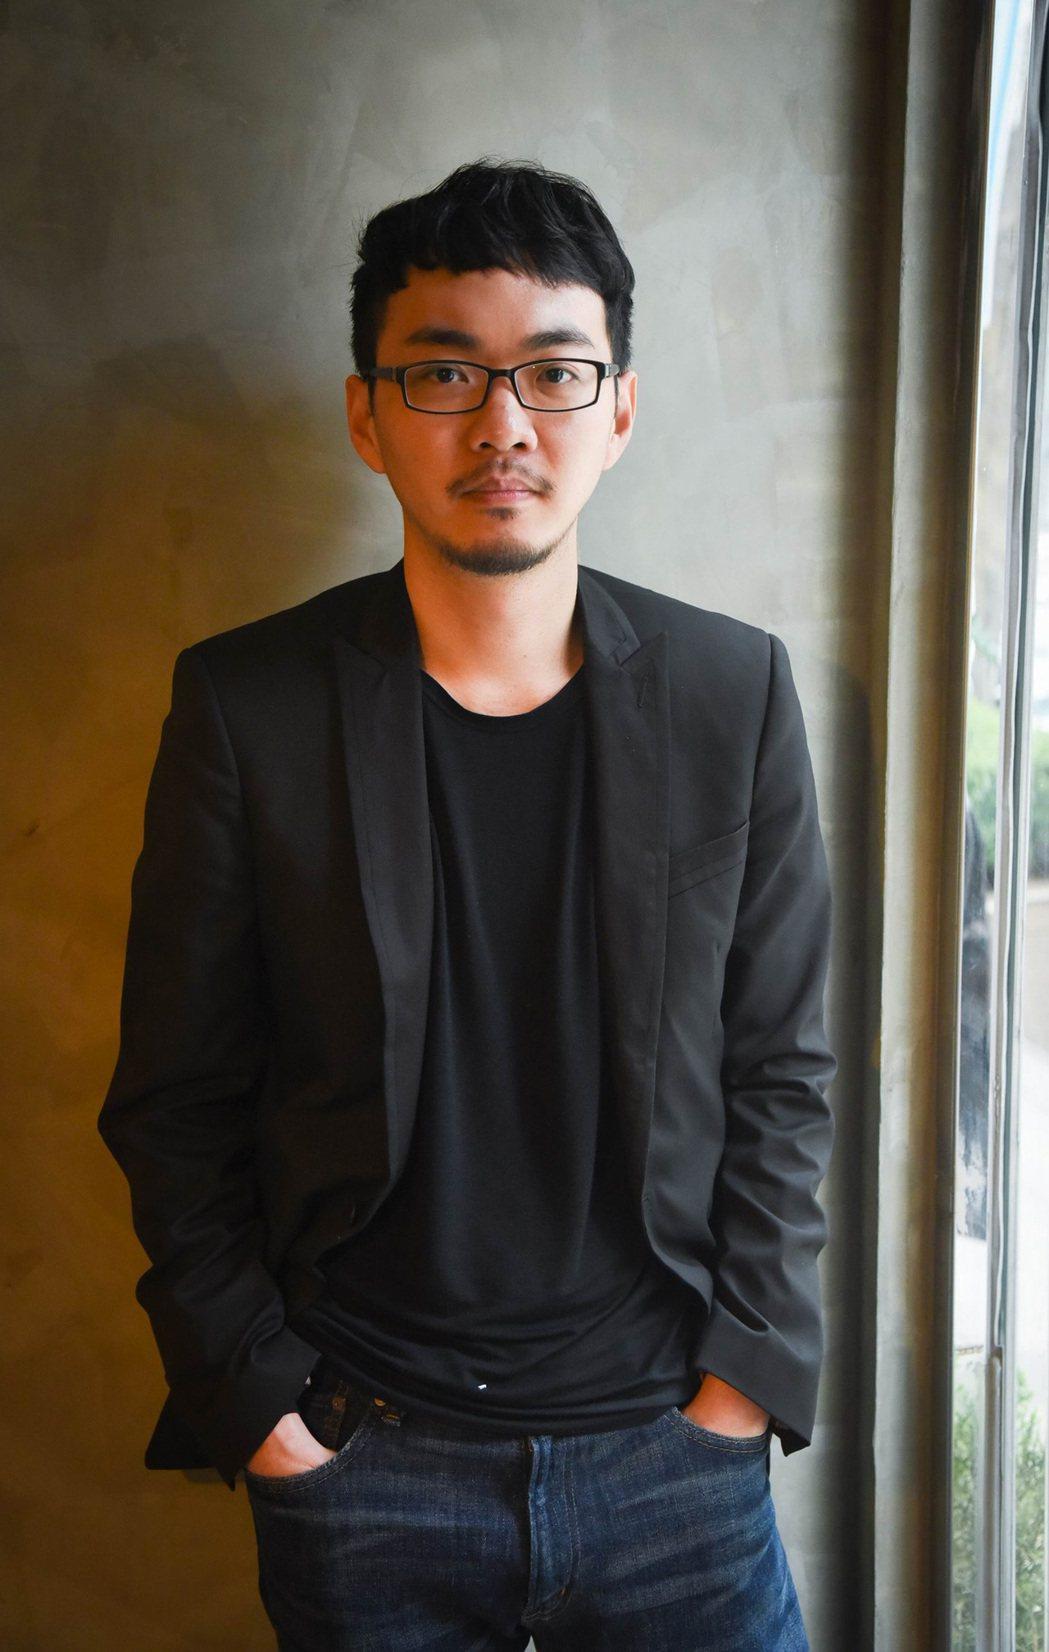 「緝魂」主題曲「不苦」由吳青峰獻唱,空靈感逼哭導演程偉豪。圖/威視提供